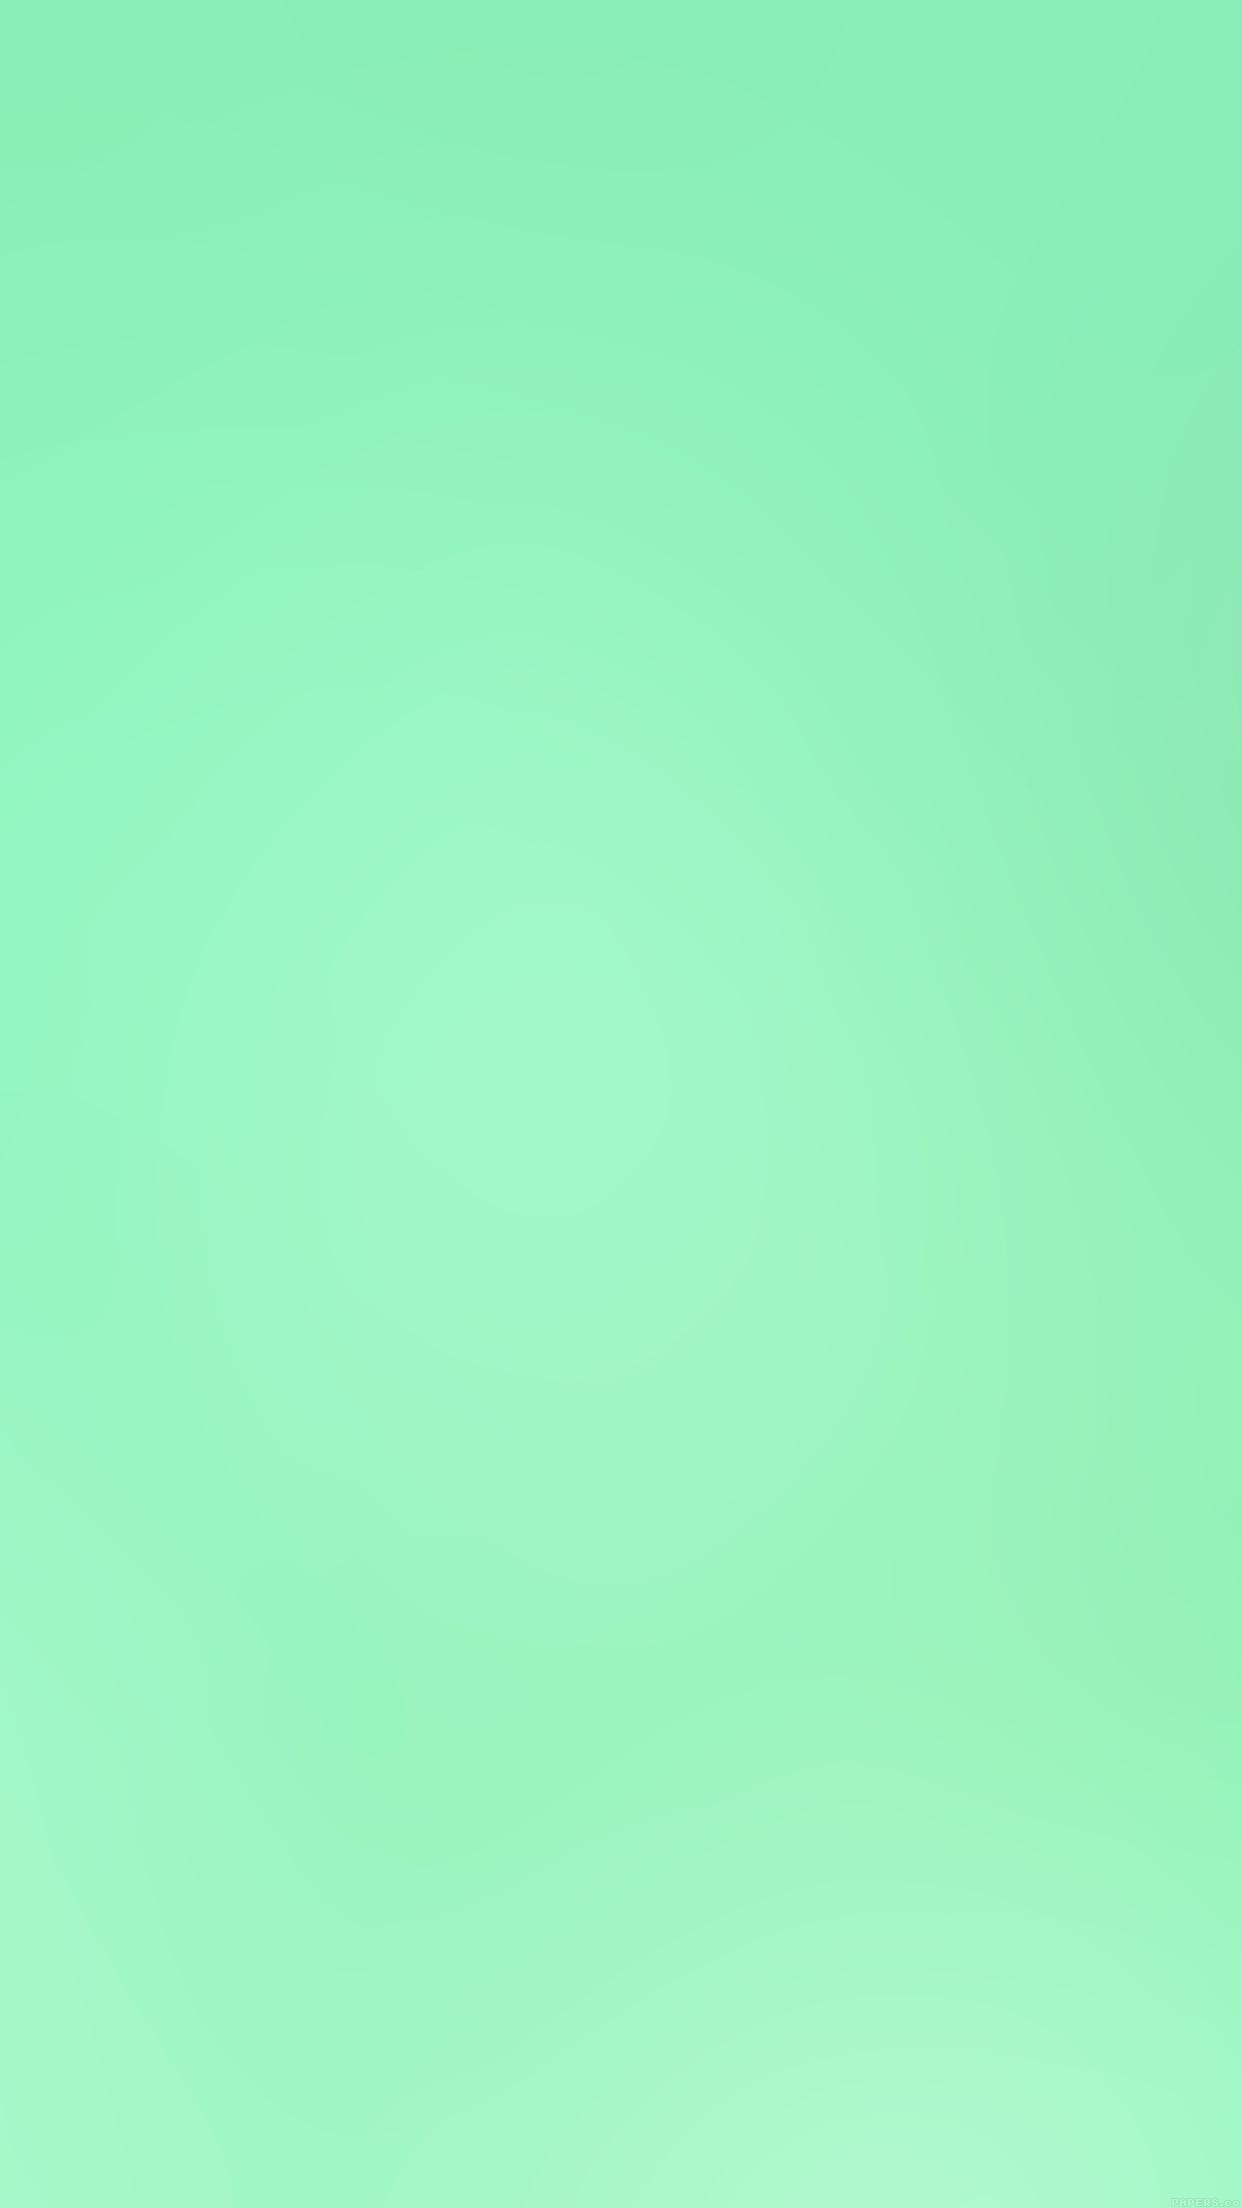 ライトグリーン Iphone6 Plus壁紙 Wallpaperbox